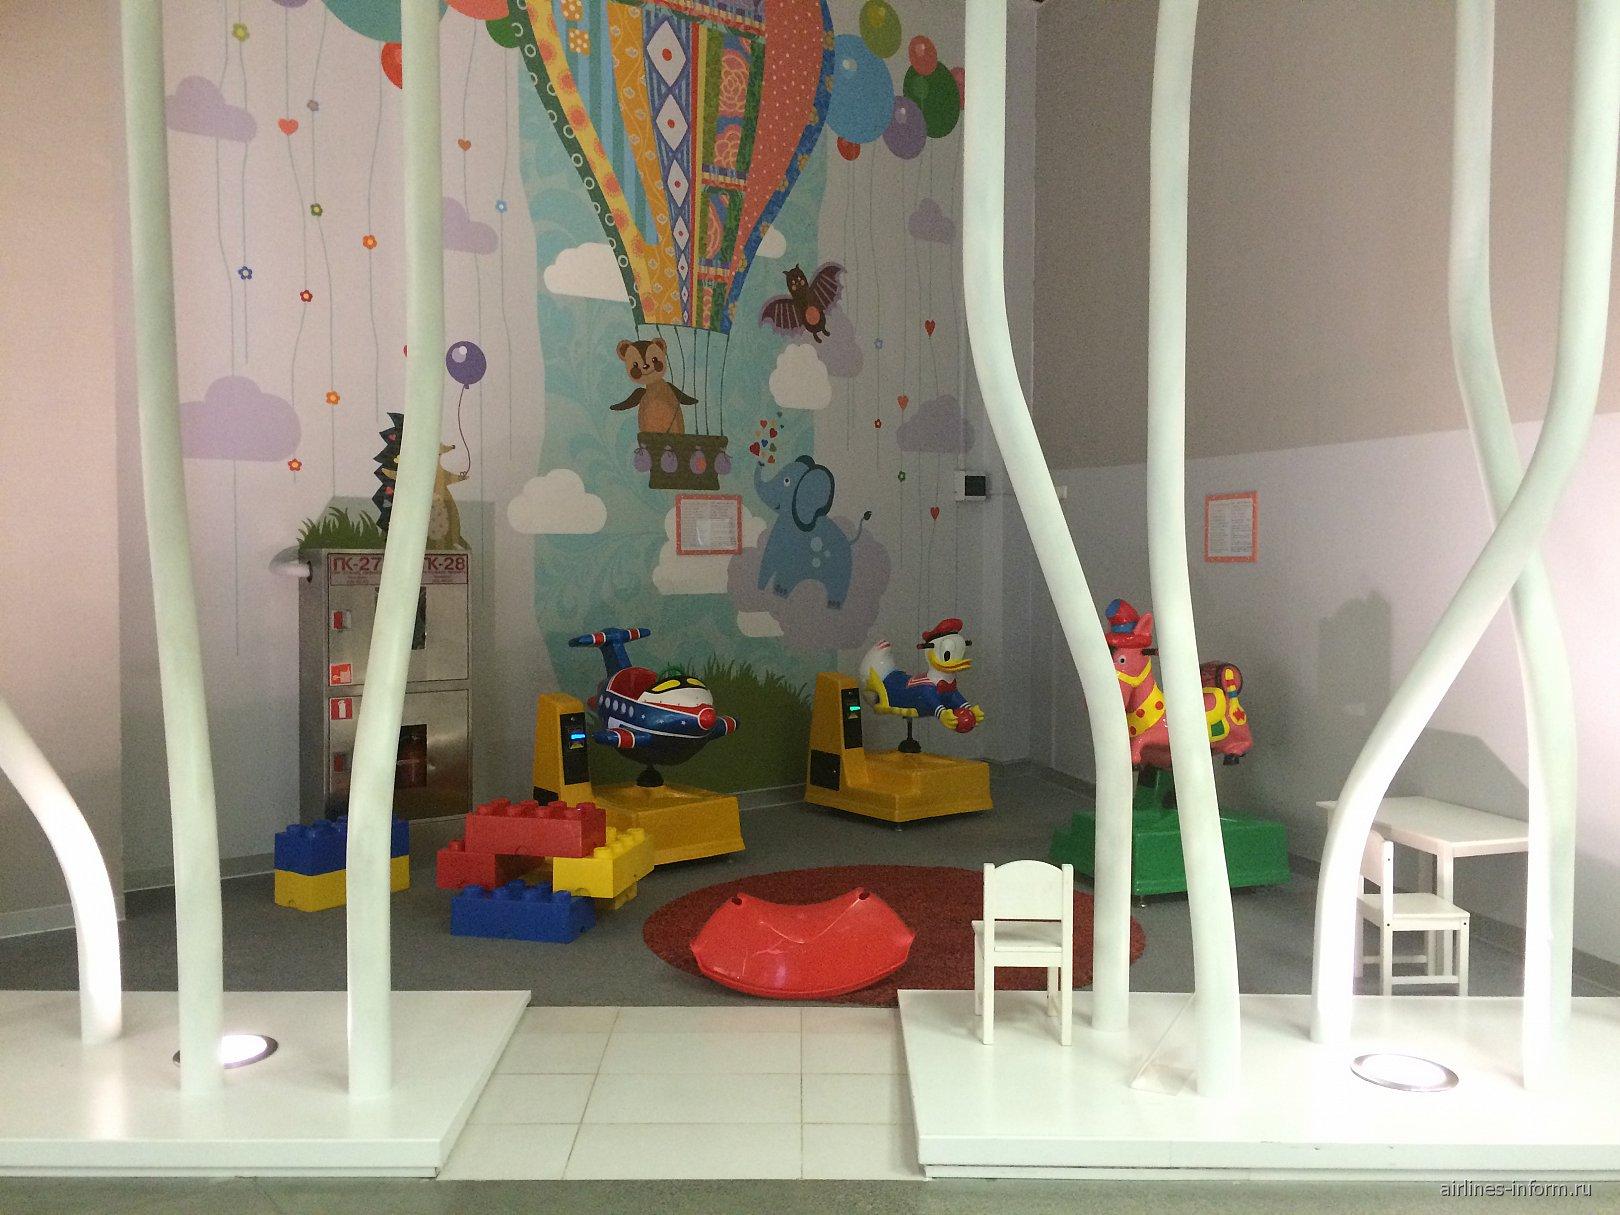 Детская игровая площадка в аэропорту Екатеринбург Кольцово